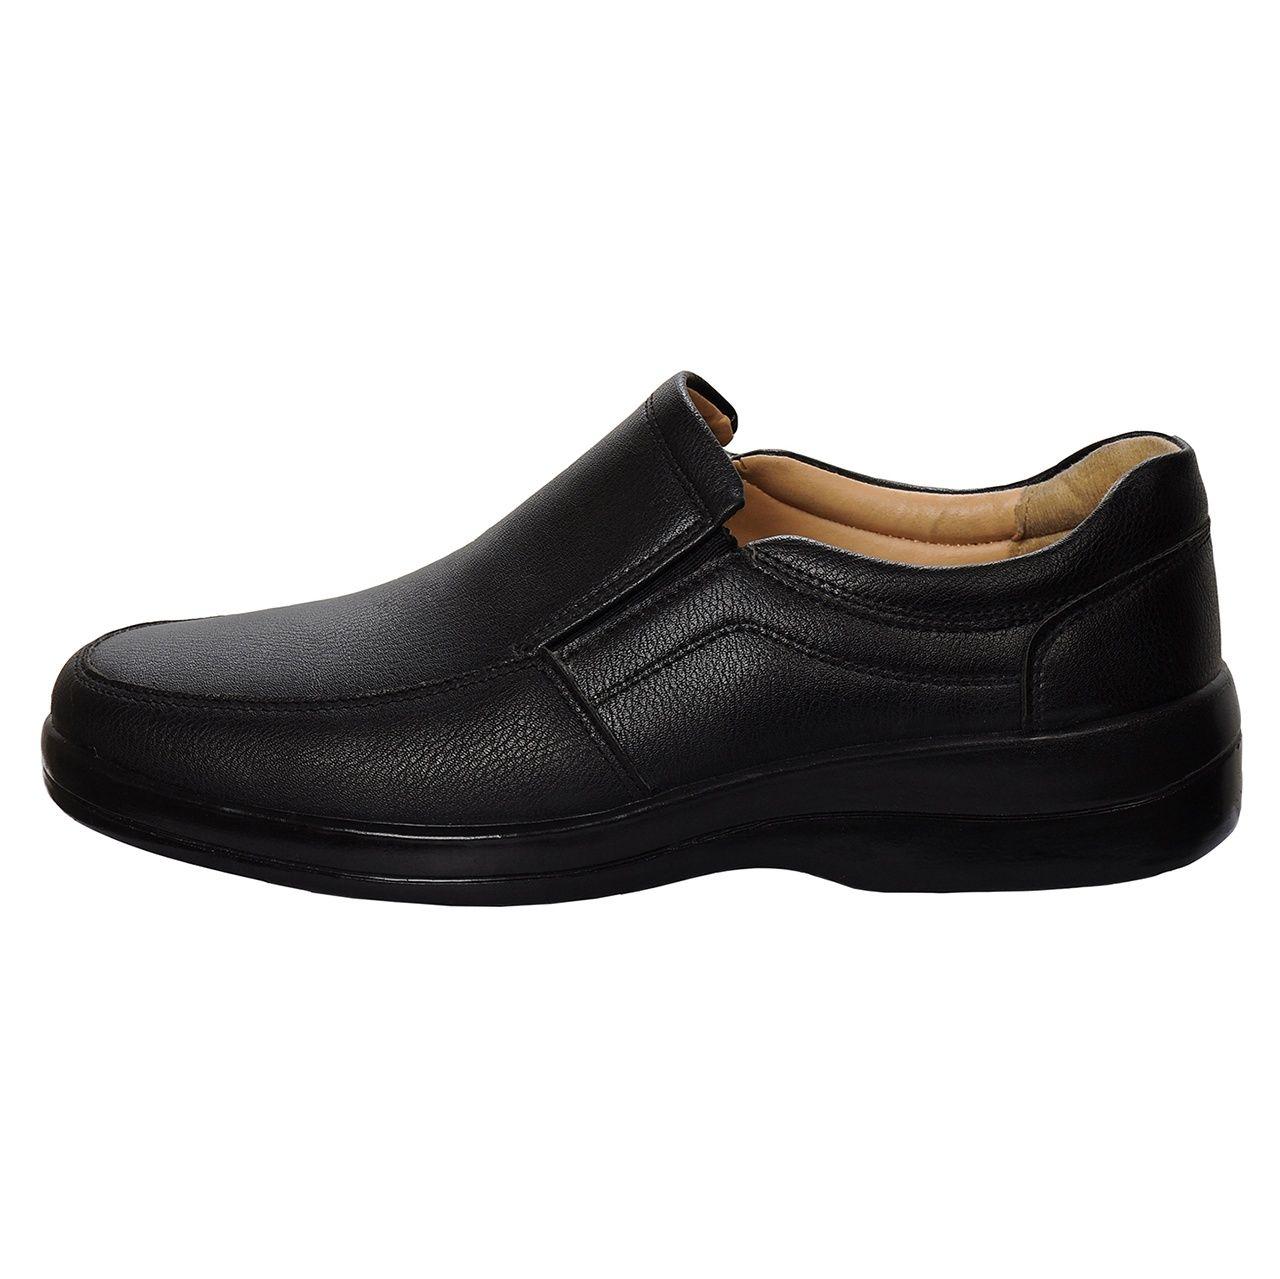 کفش روزمره مردانه کد NG M 2018  -  - 2